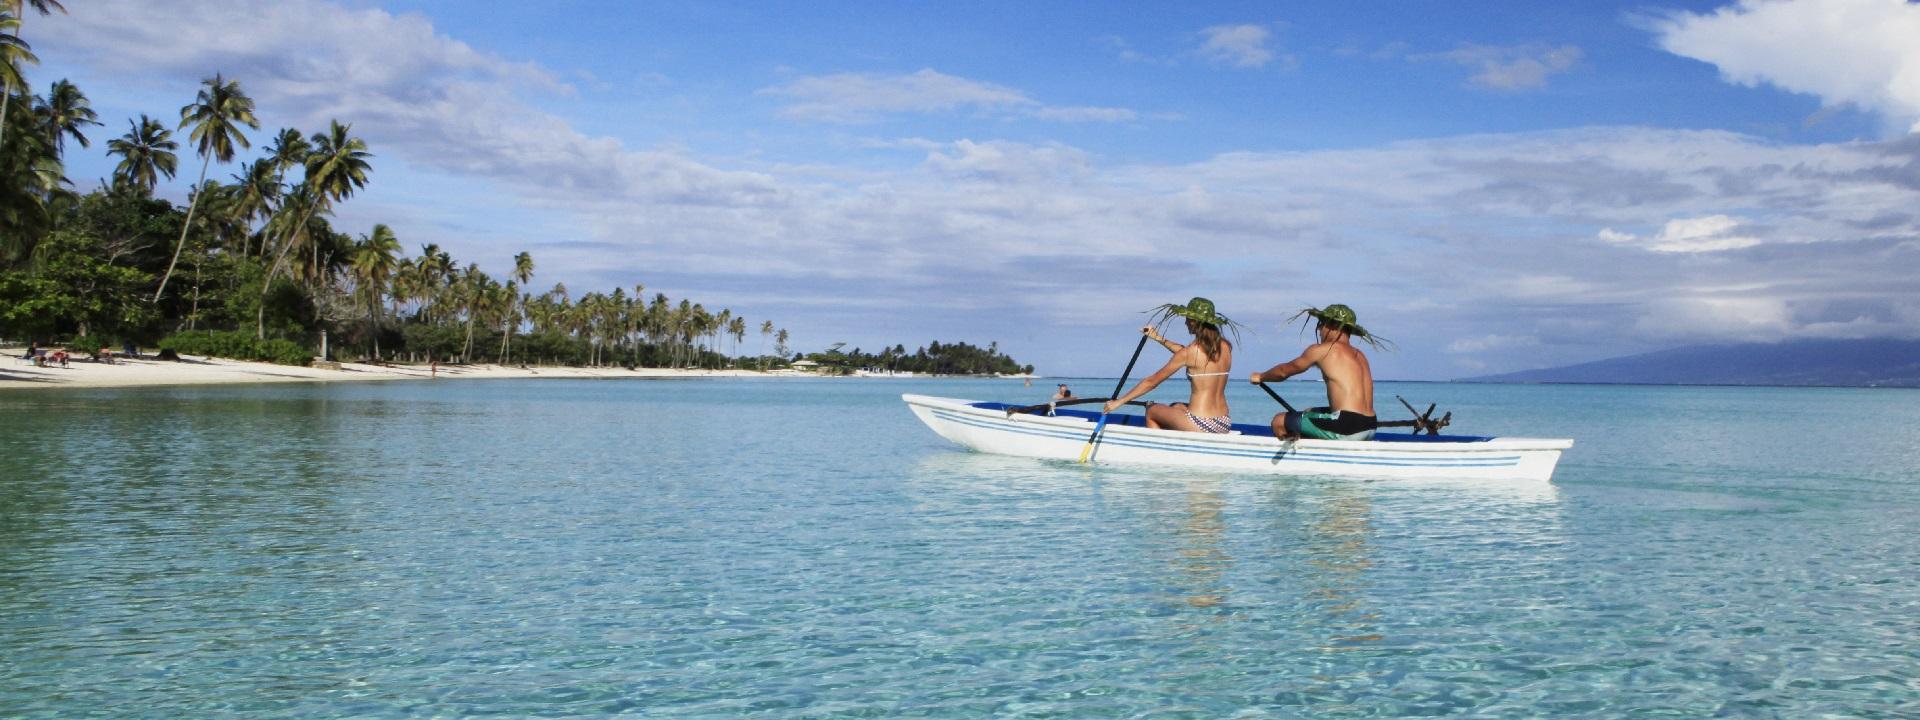 Sofitel Moorea Ia Ora free Outrigger Canoe